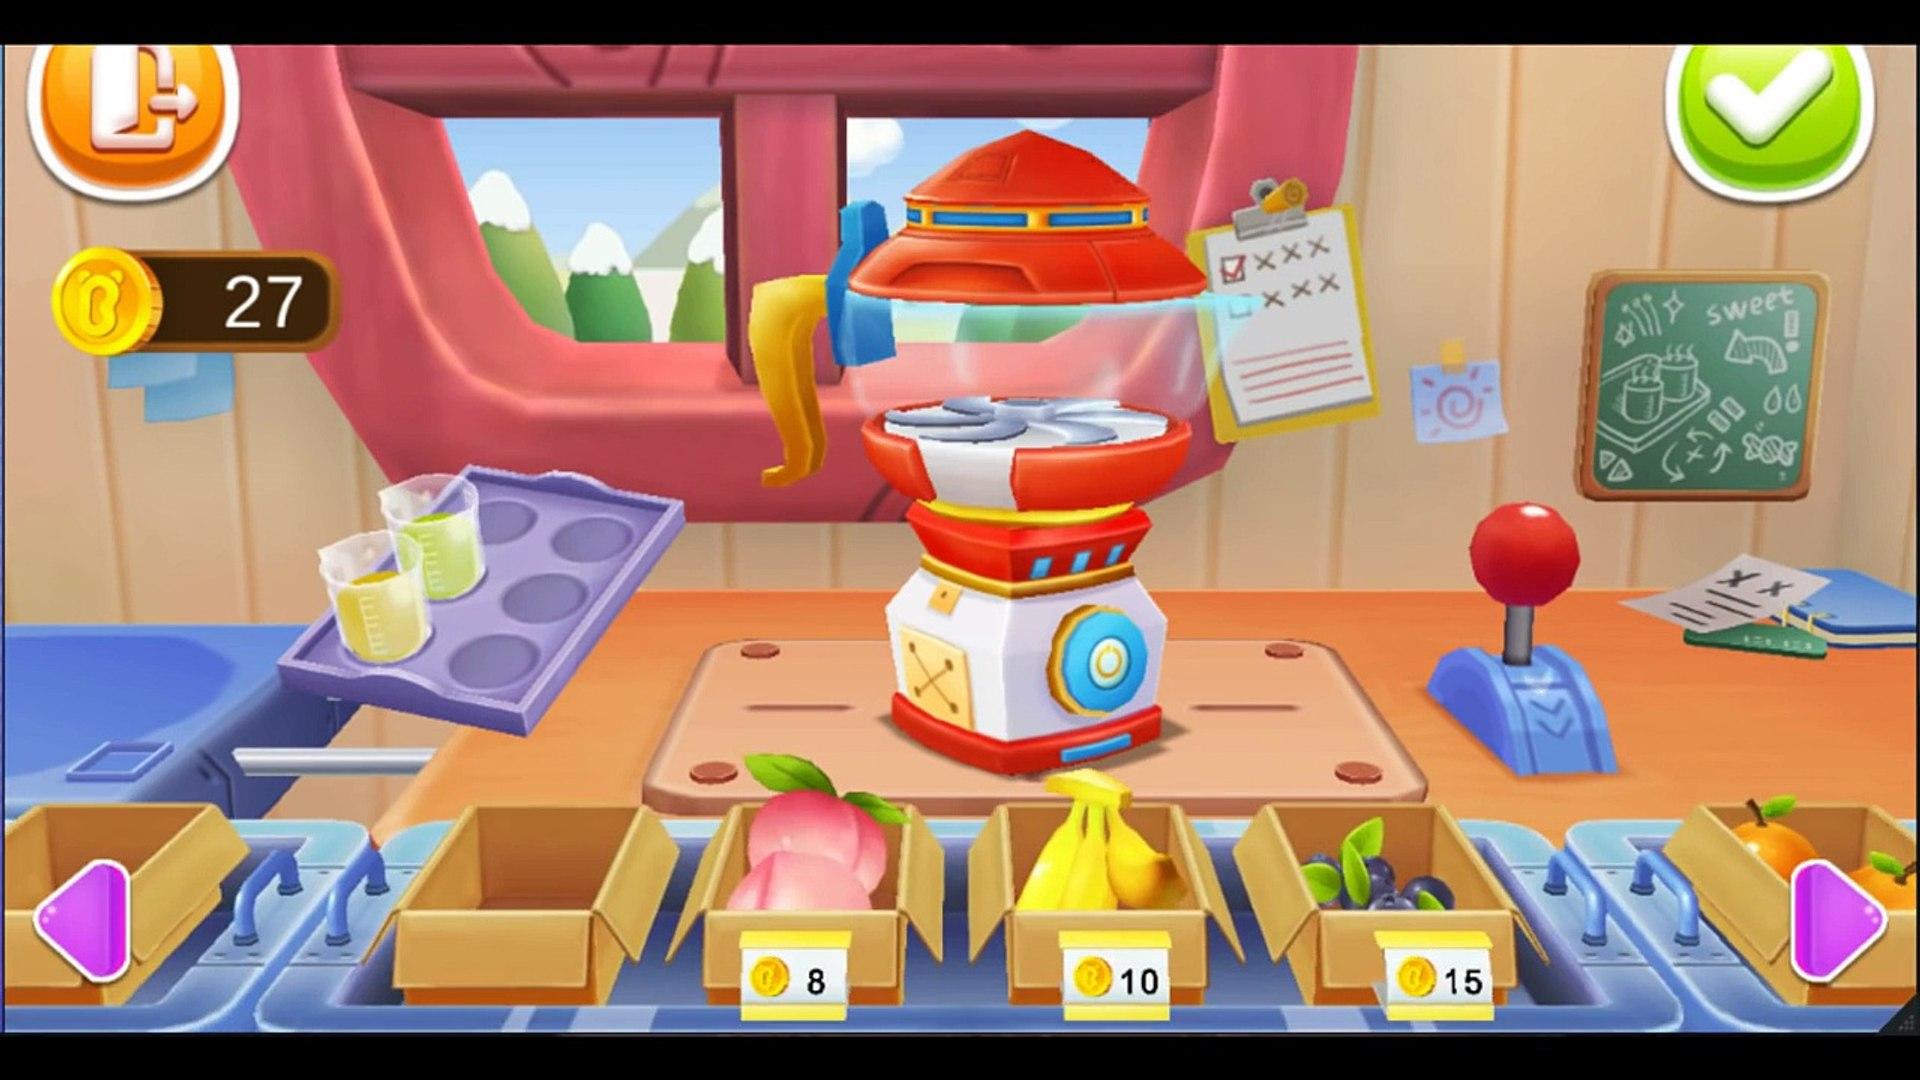 Детка ребенок Конфеты завод для игра к к к к к к Дети мало панда панды Магазин | 3d | |